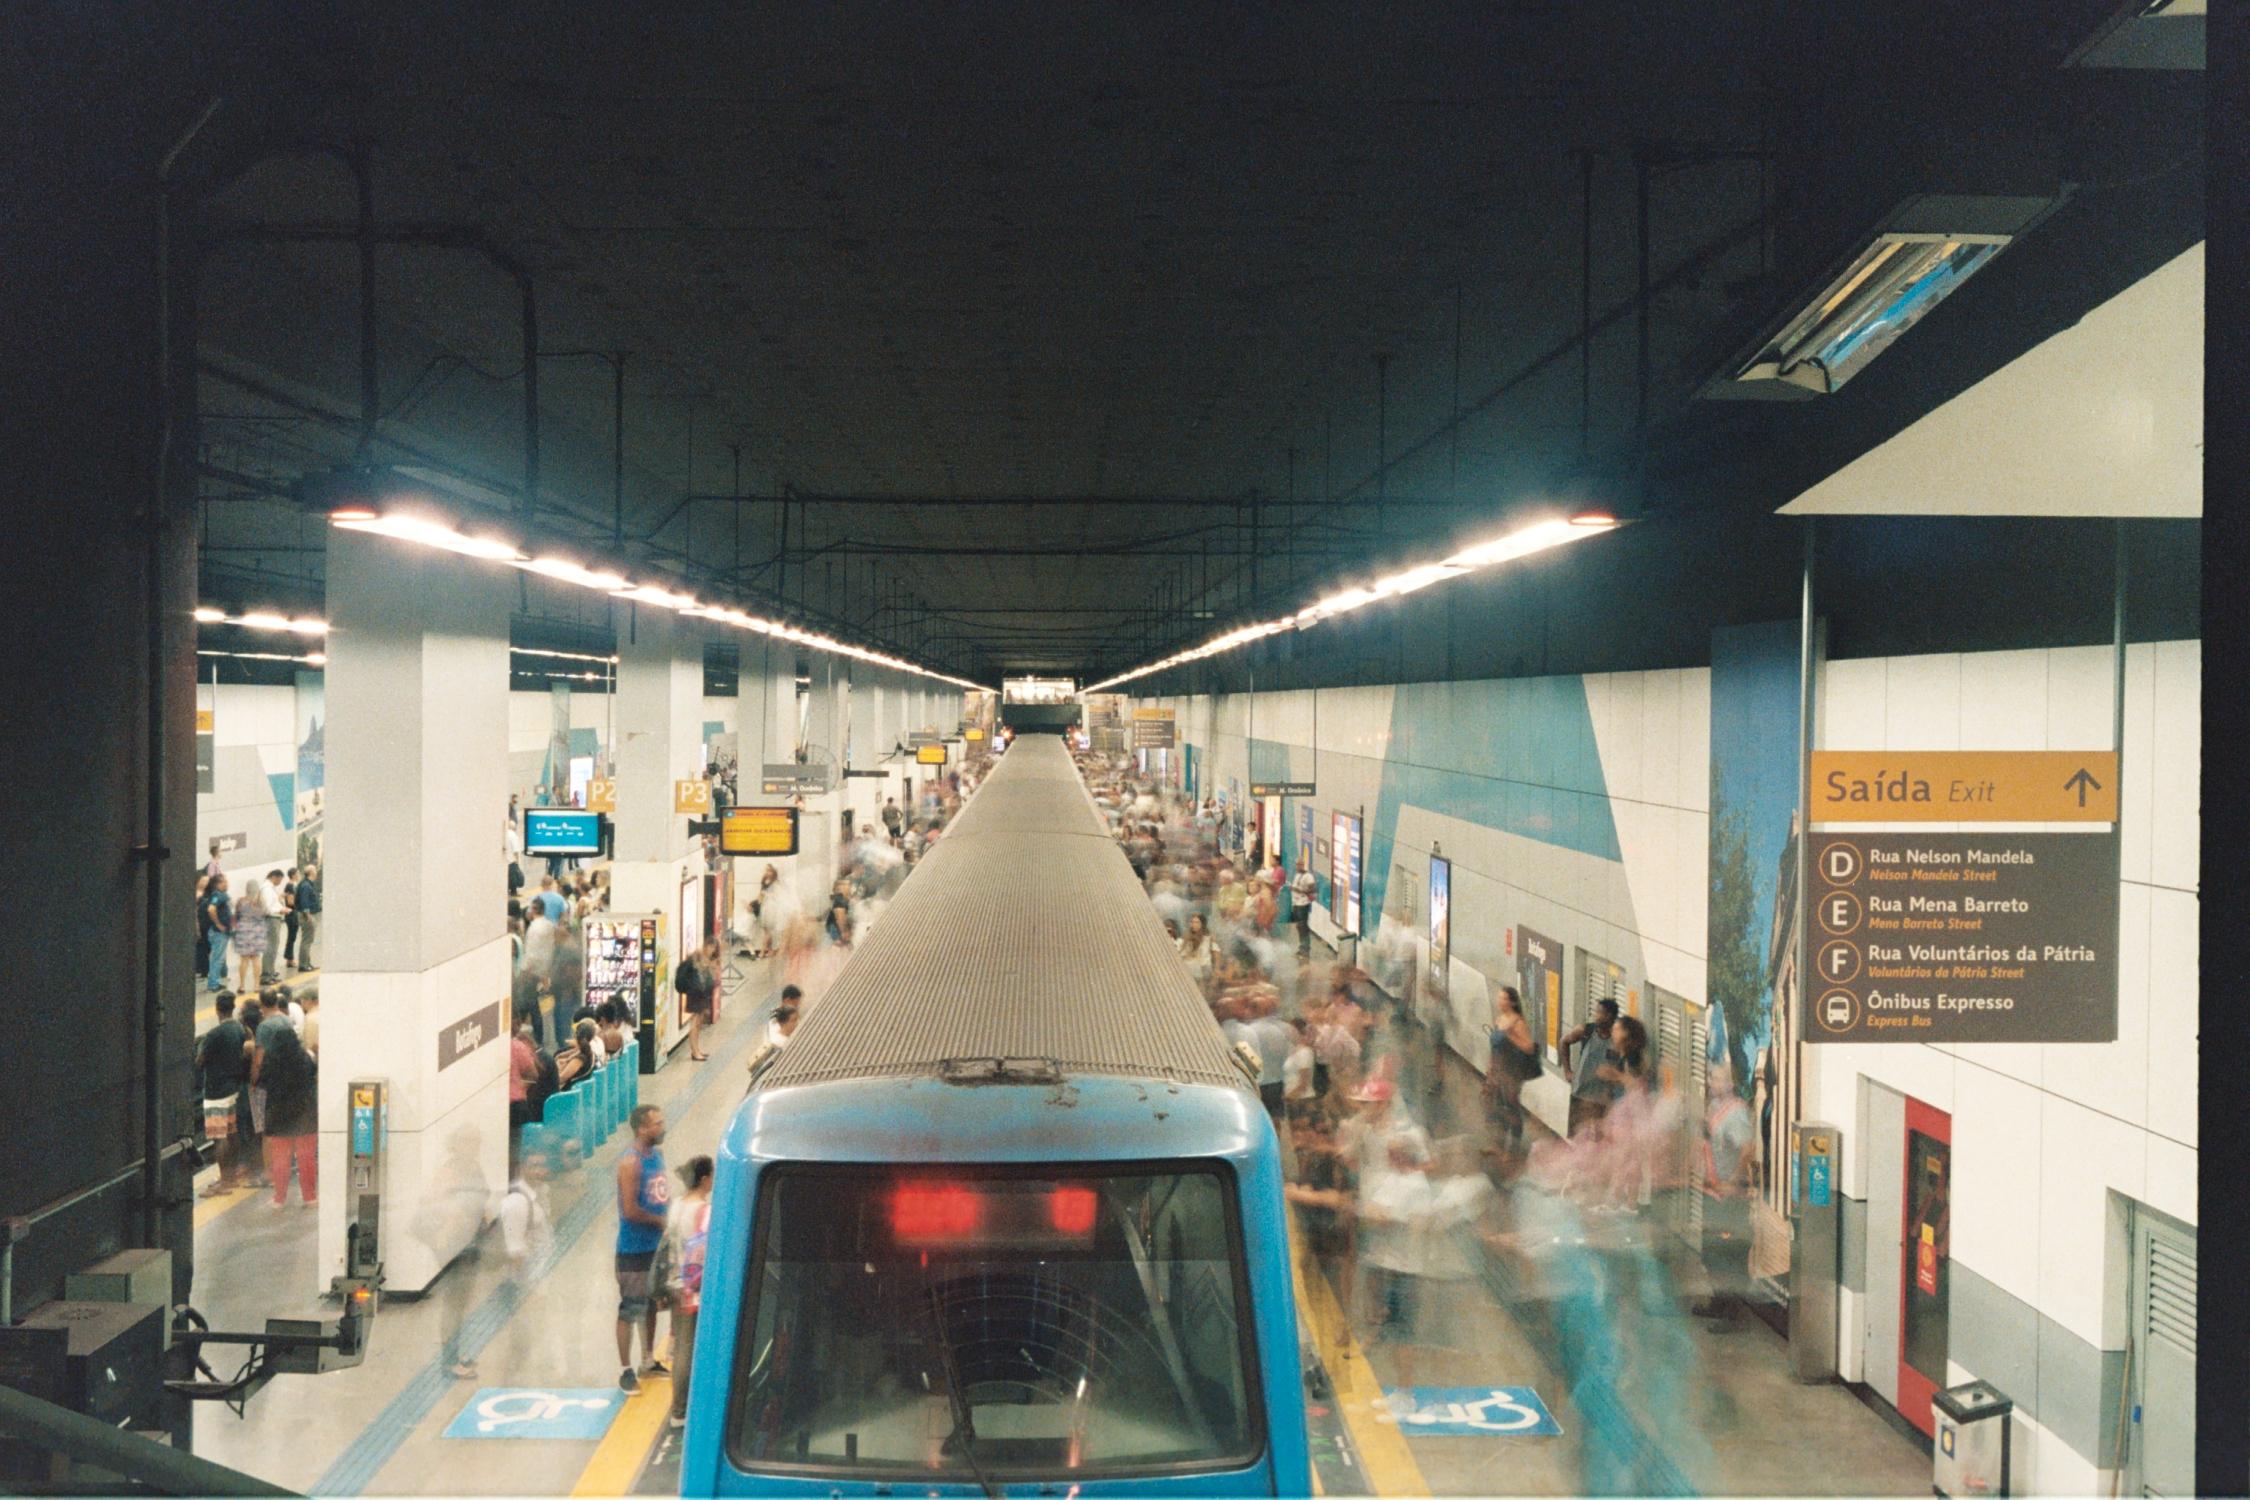 Metrô de Botafogo, analógica.